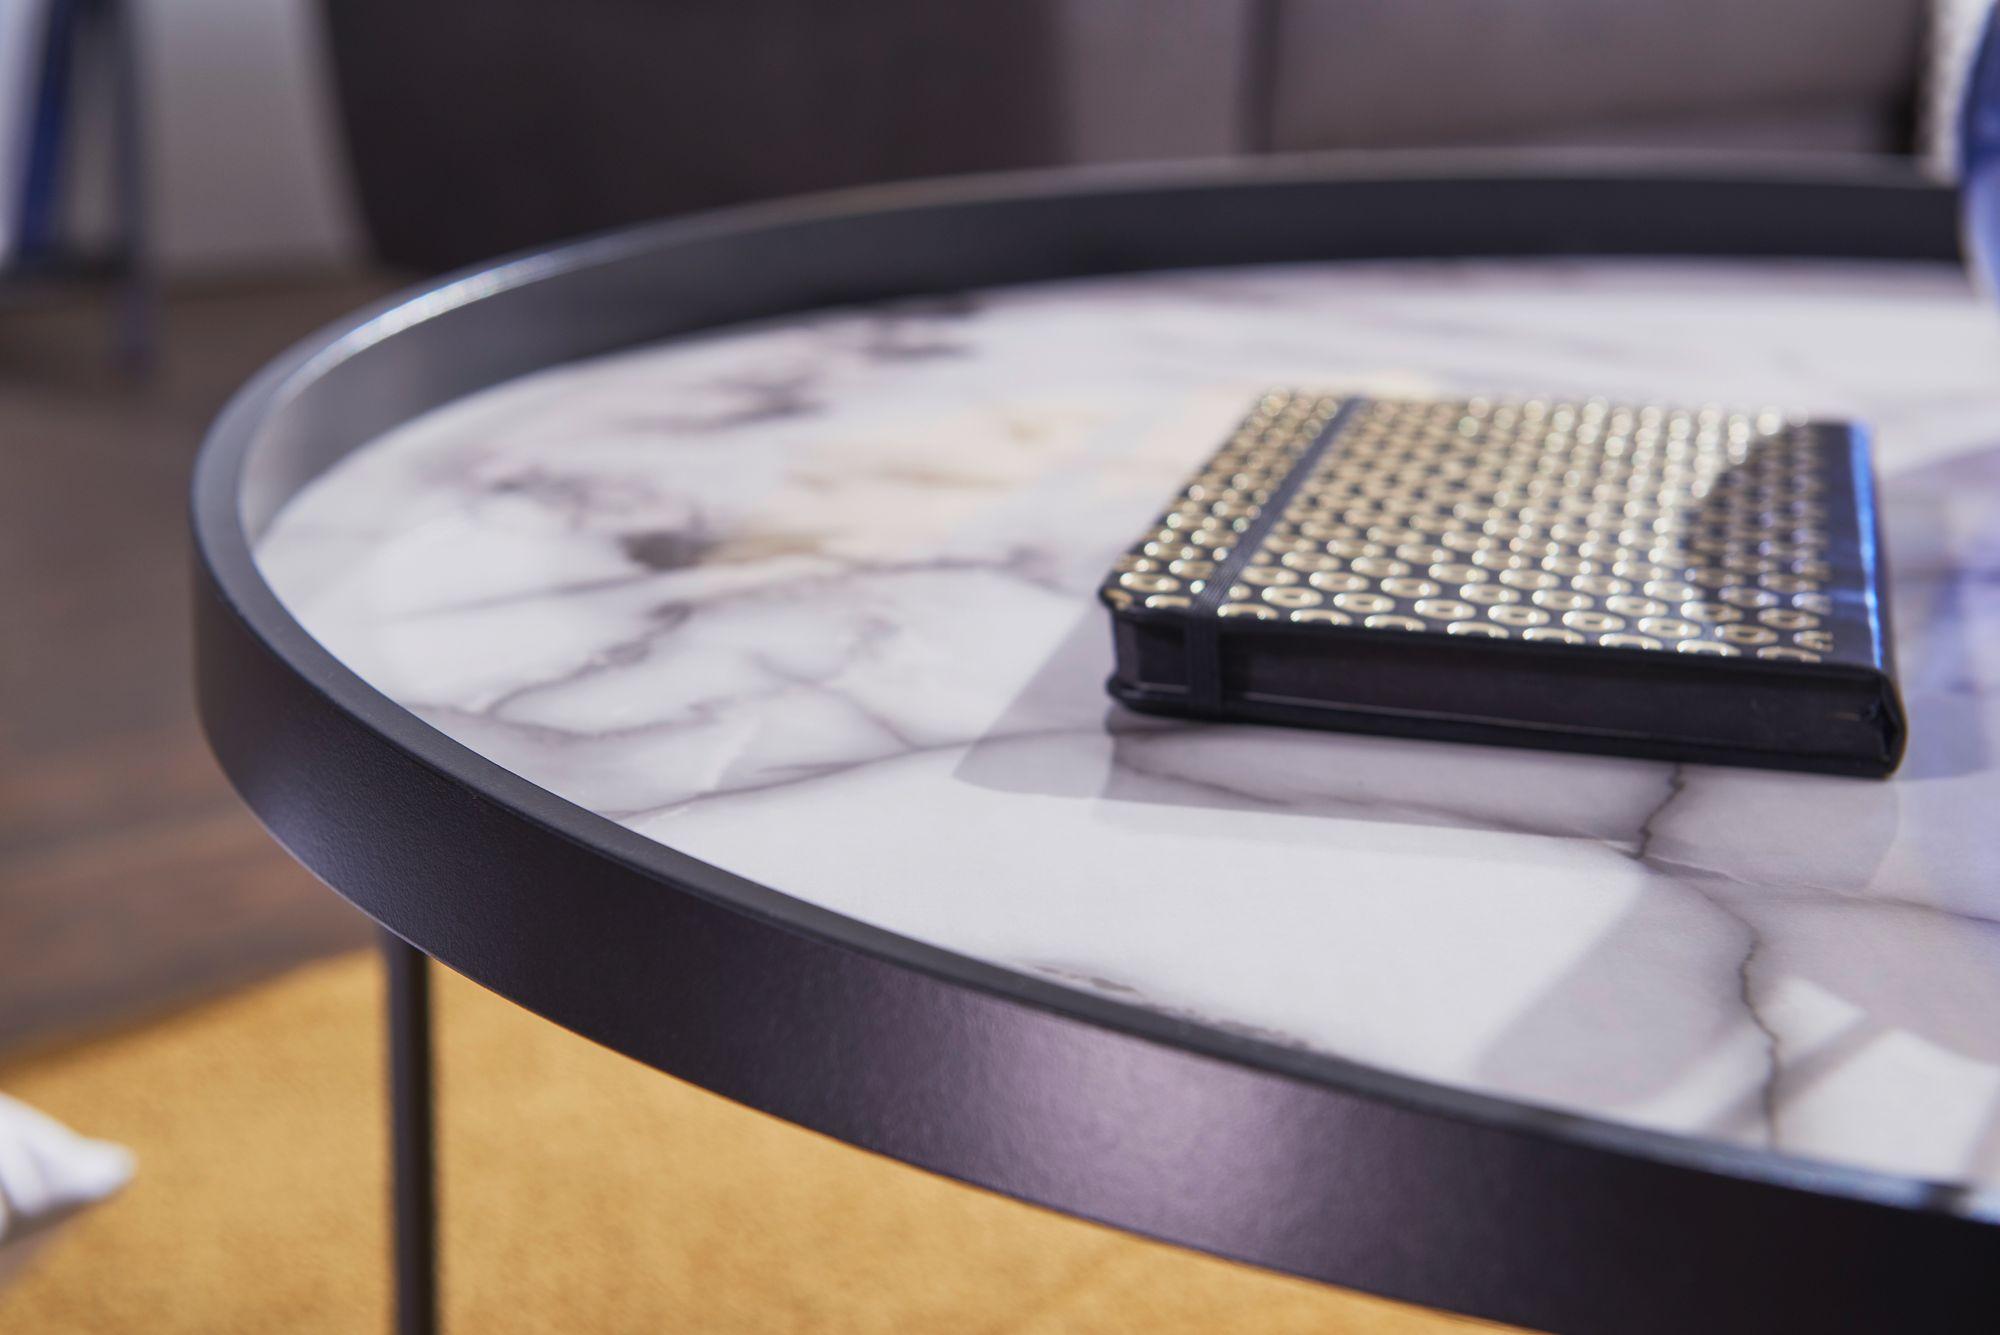 FineBuy Couchtisch Rund Ø 76 cm Wohnzimmertisch Marmor Optik Weiß  Beistelltisch